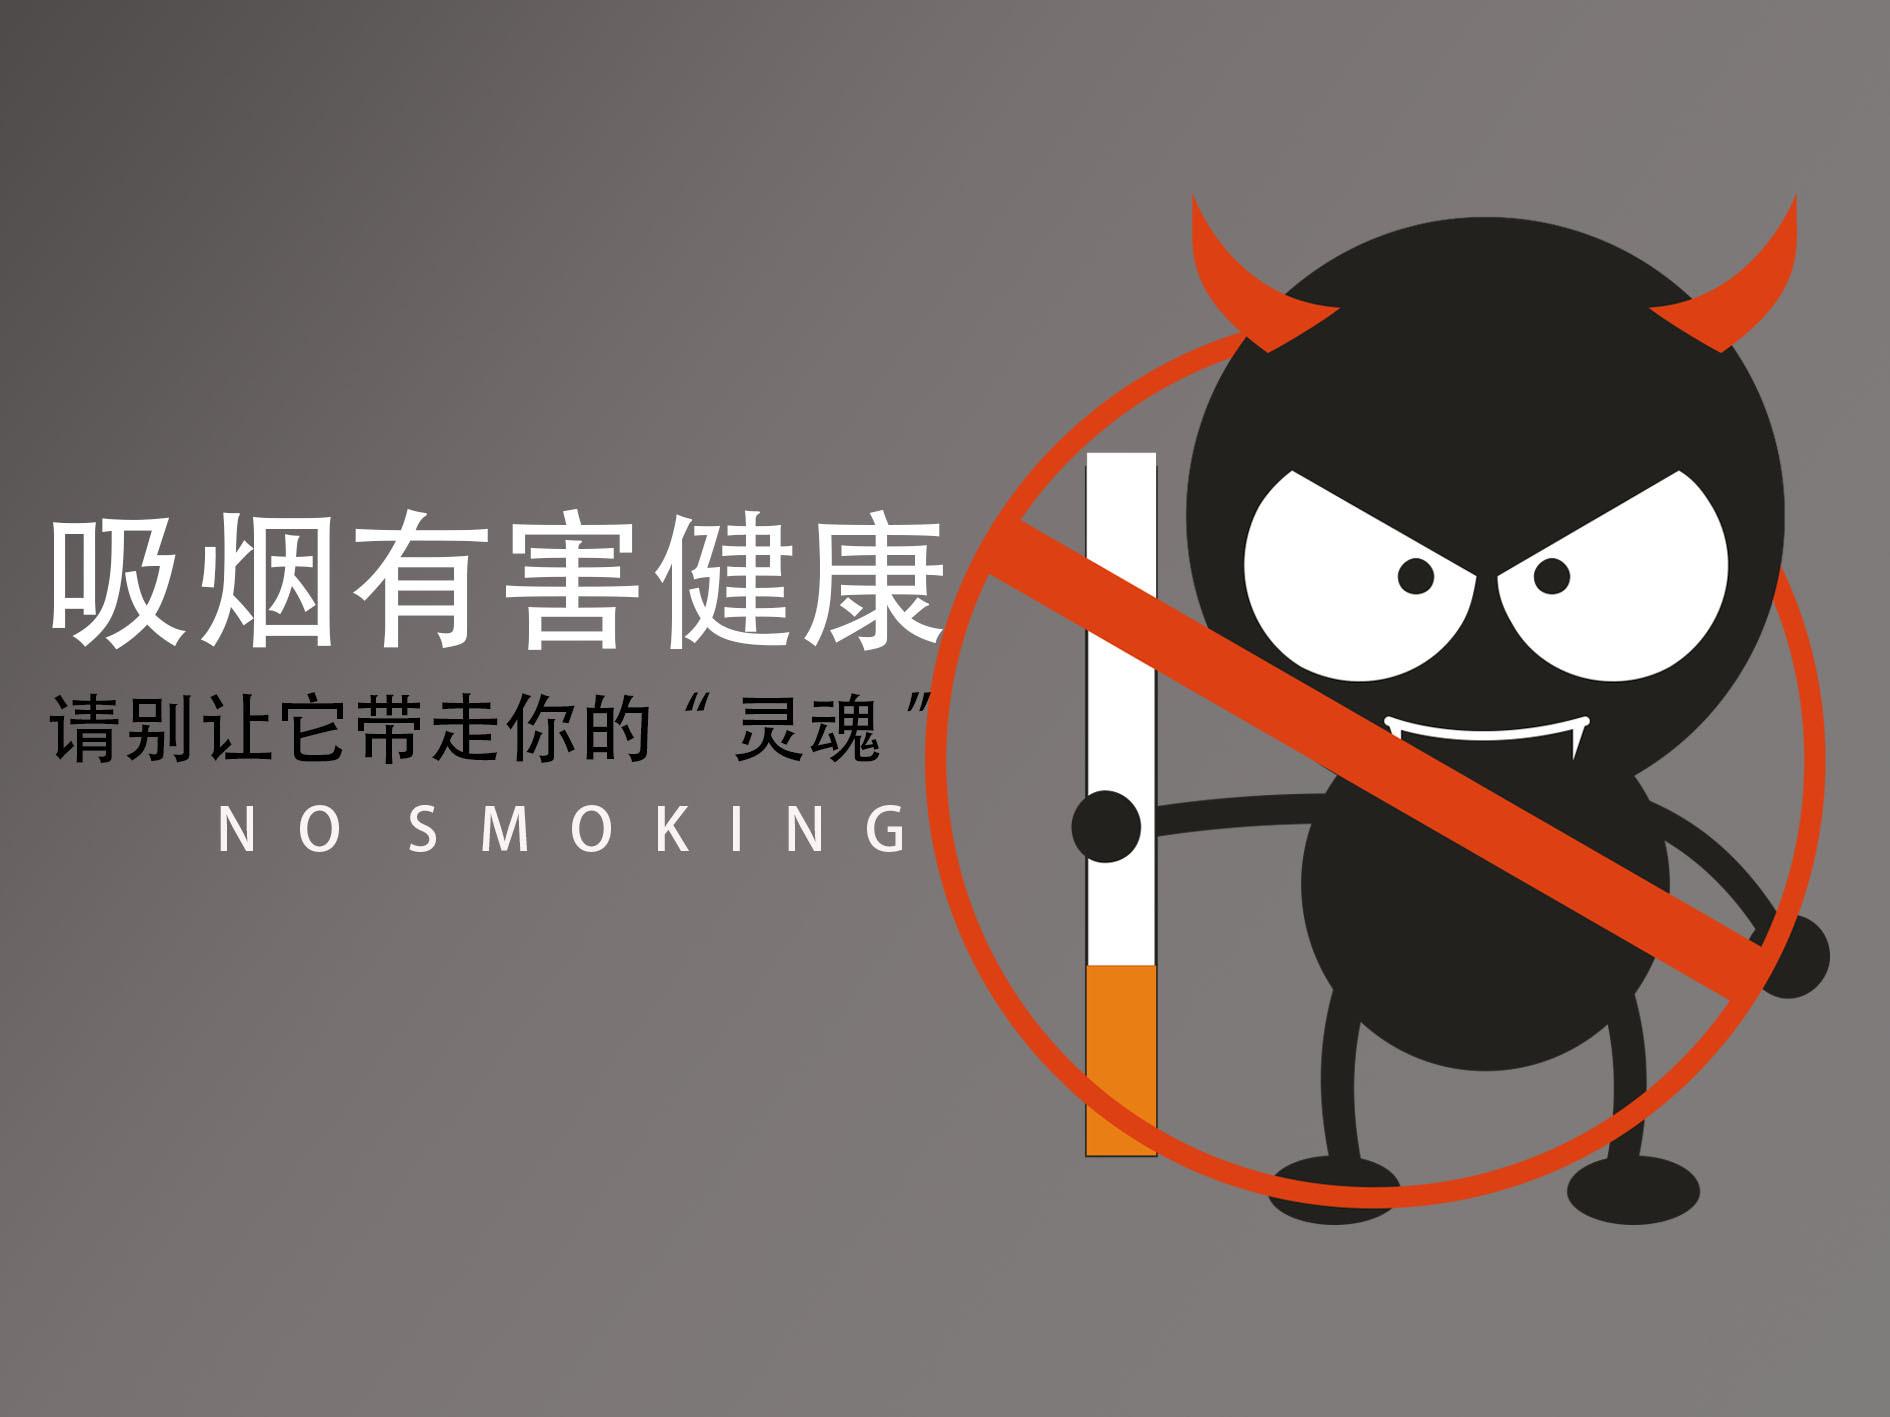 研究:经常接触二手烟的儿童的住院率比未接触的高出24倍